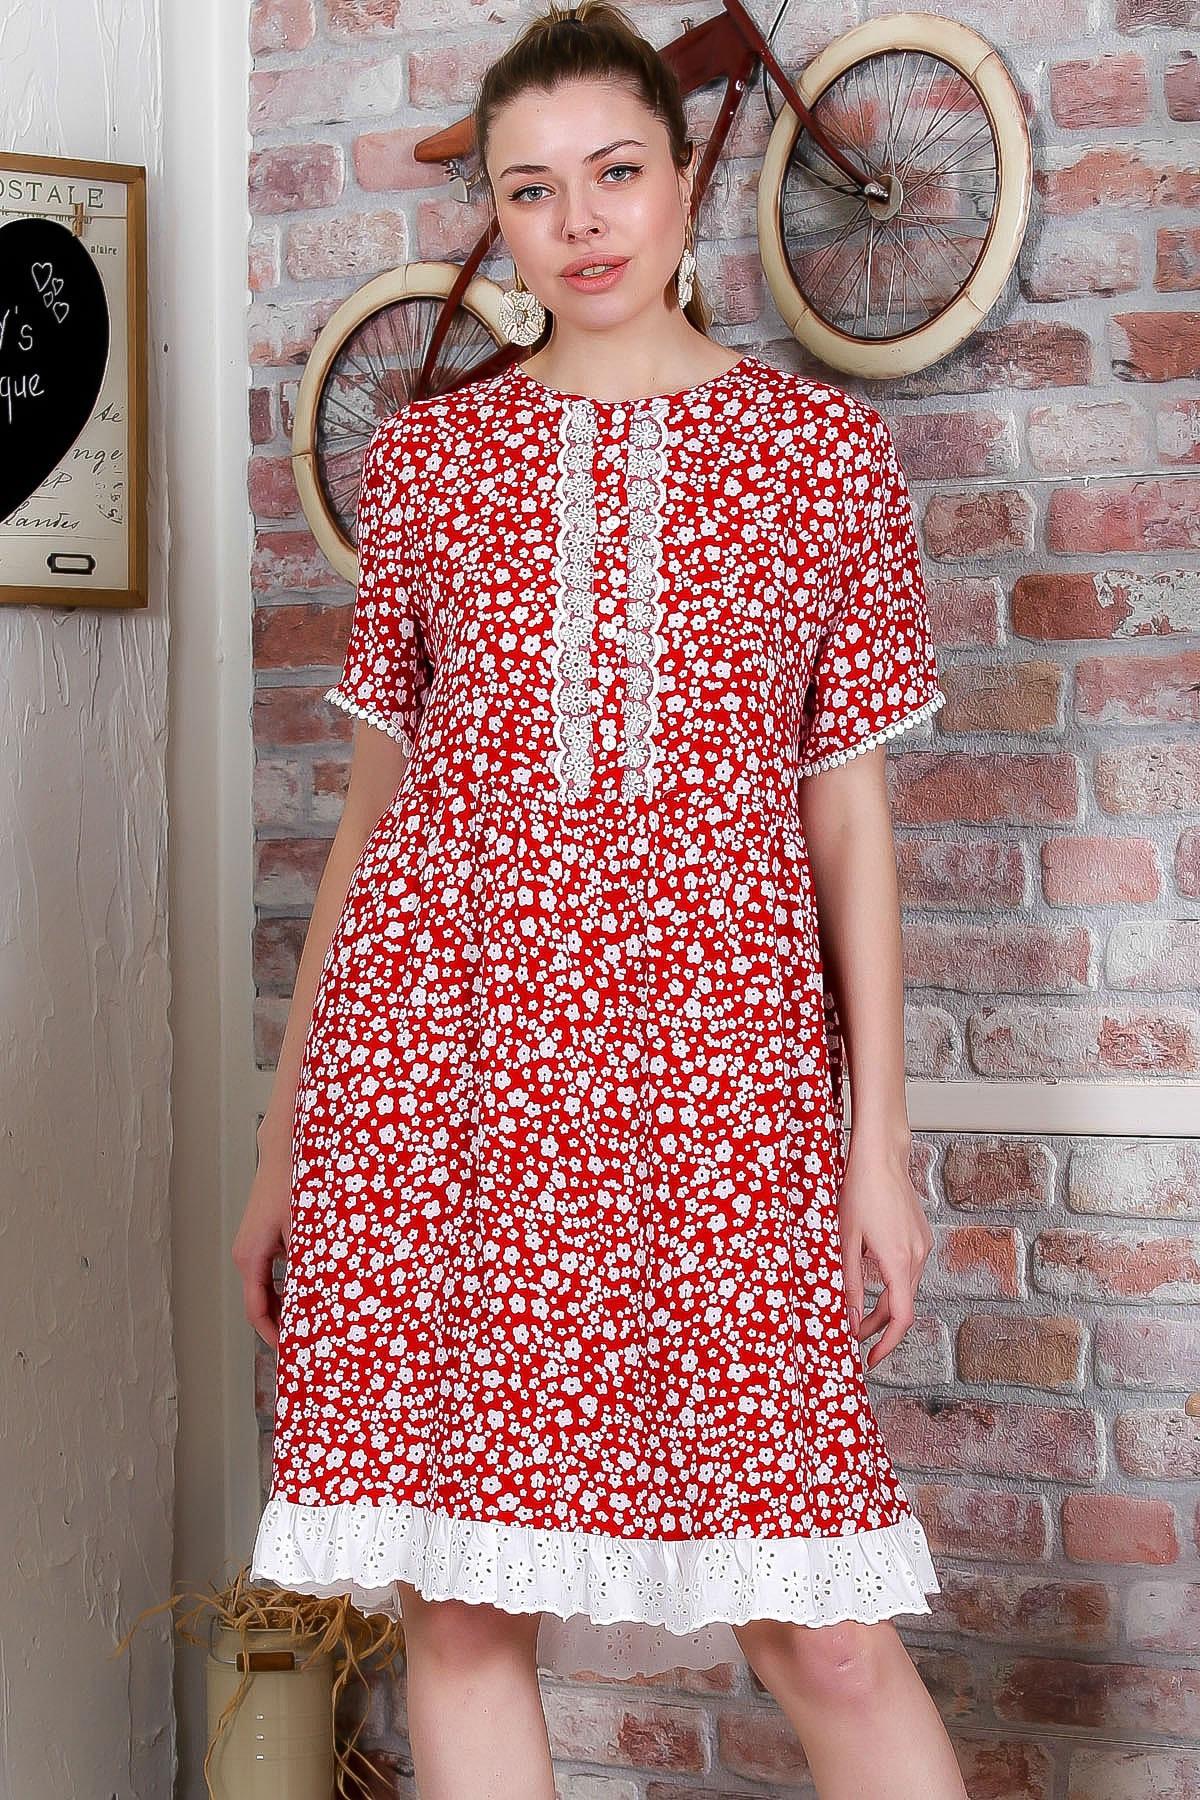 Chiccy Kadın Kırmızı Çıtır Çiçek Desenli Dantel Detaylı Dokuma Elbise M10160000EL95388